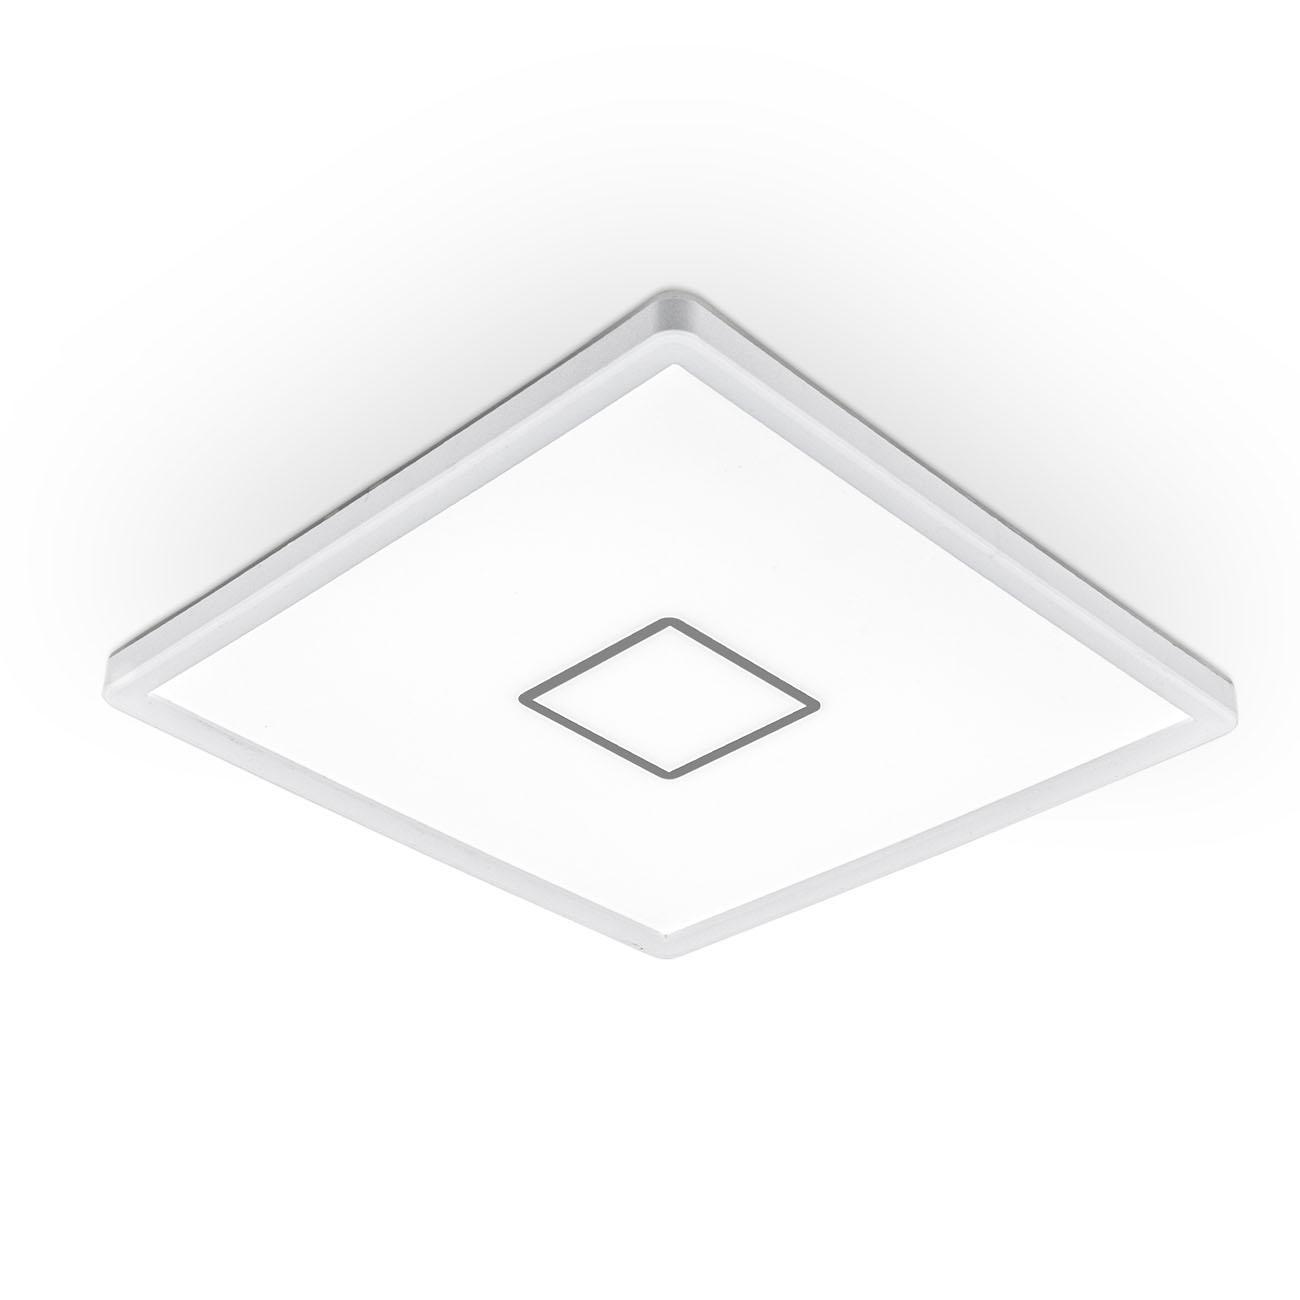 LED Deckenleuchte ultraflach weiß-silber